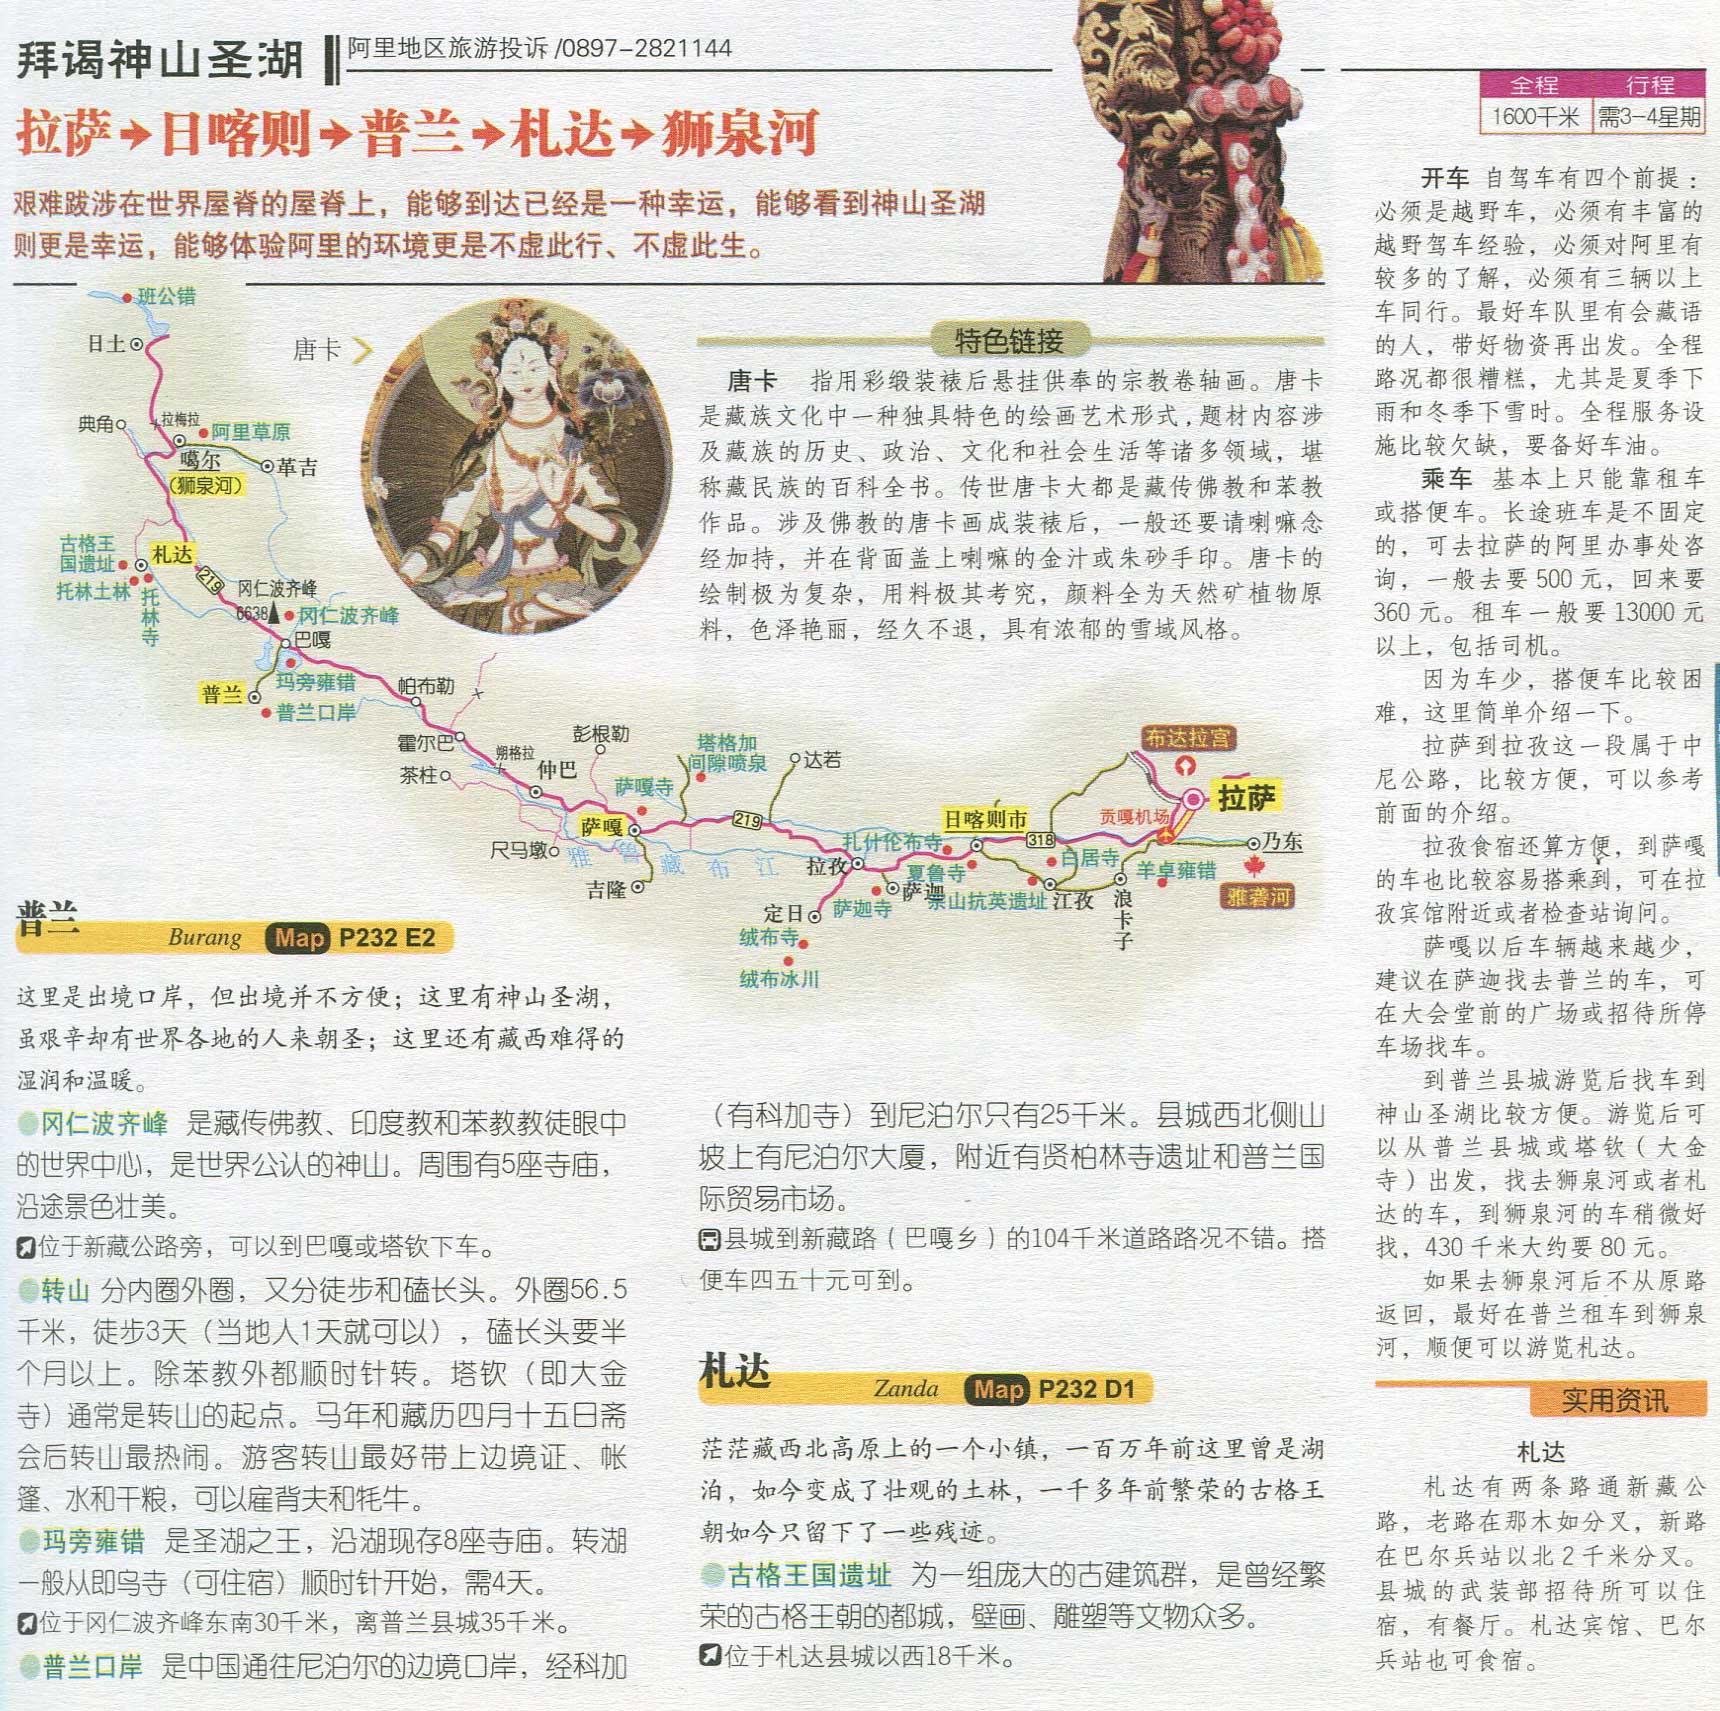 西藏旅游线路图 神山圣湖高清版大地图高清图片